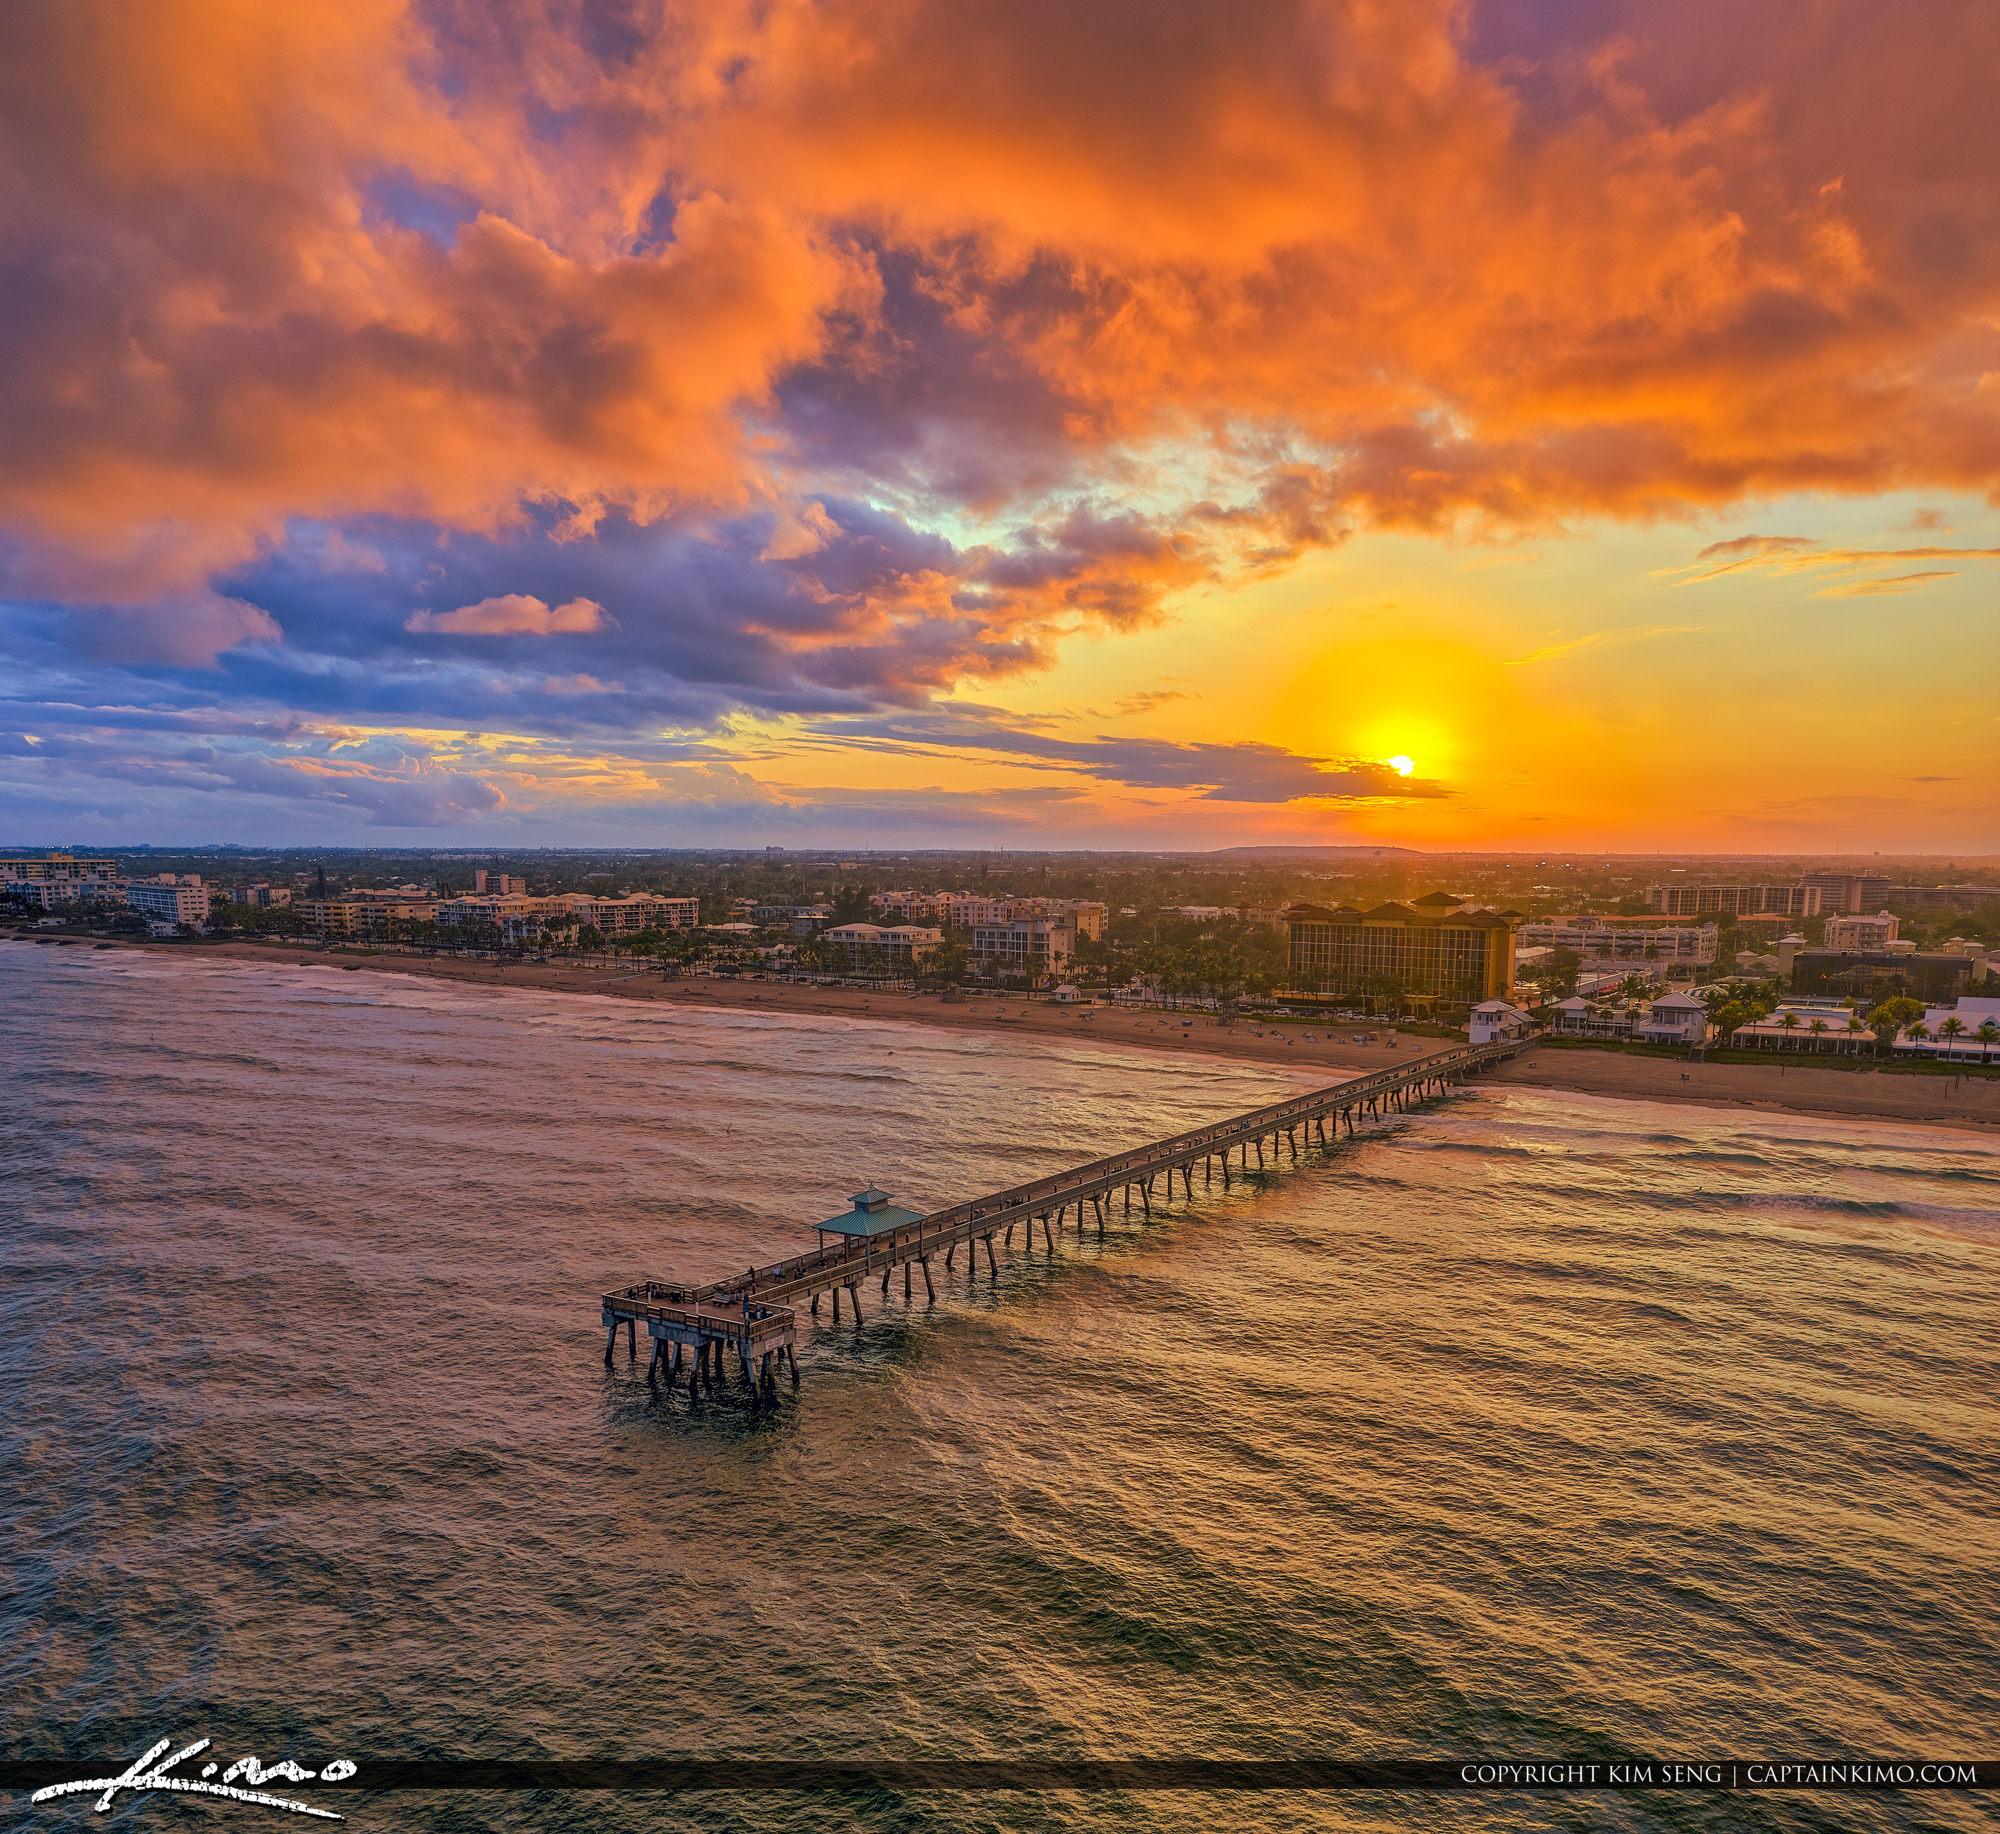 Deerfield Beach International Fishing Pier Sunset Aerial Photogr